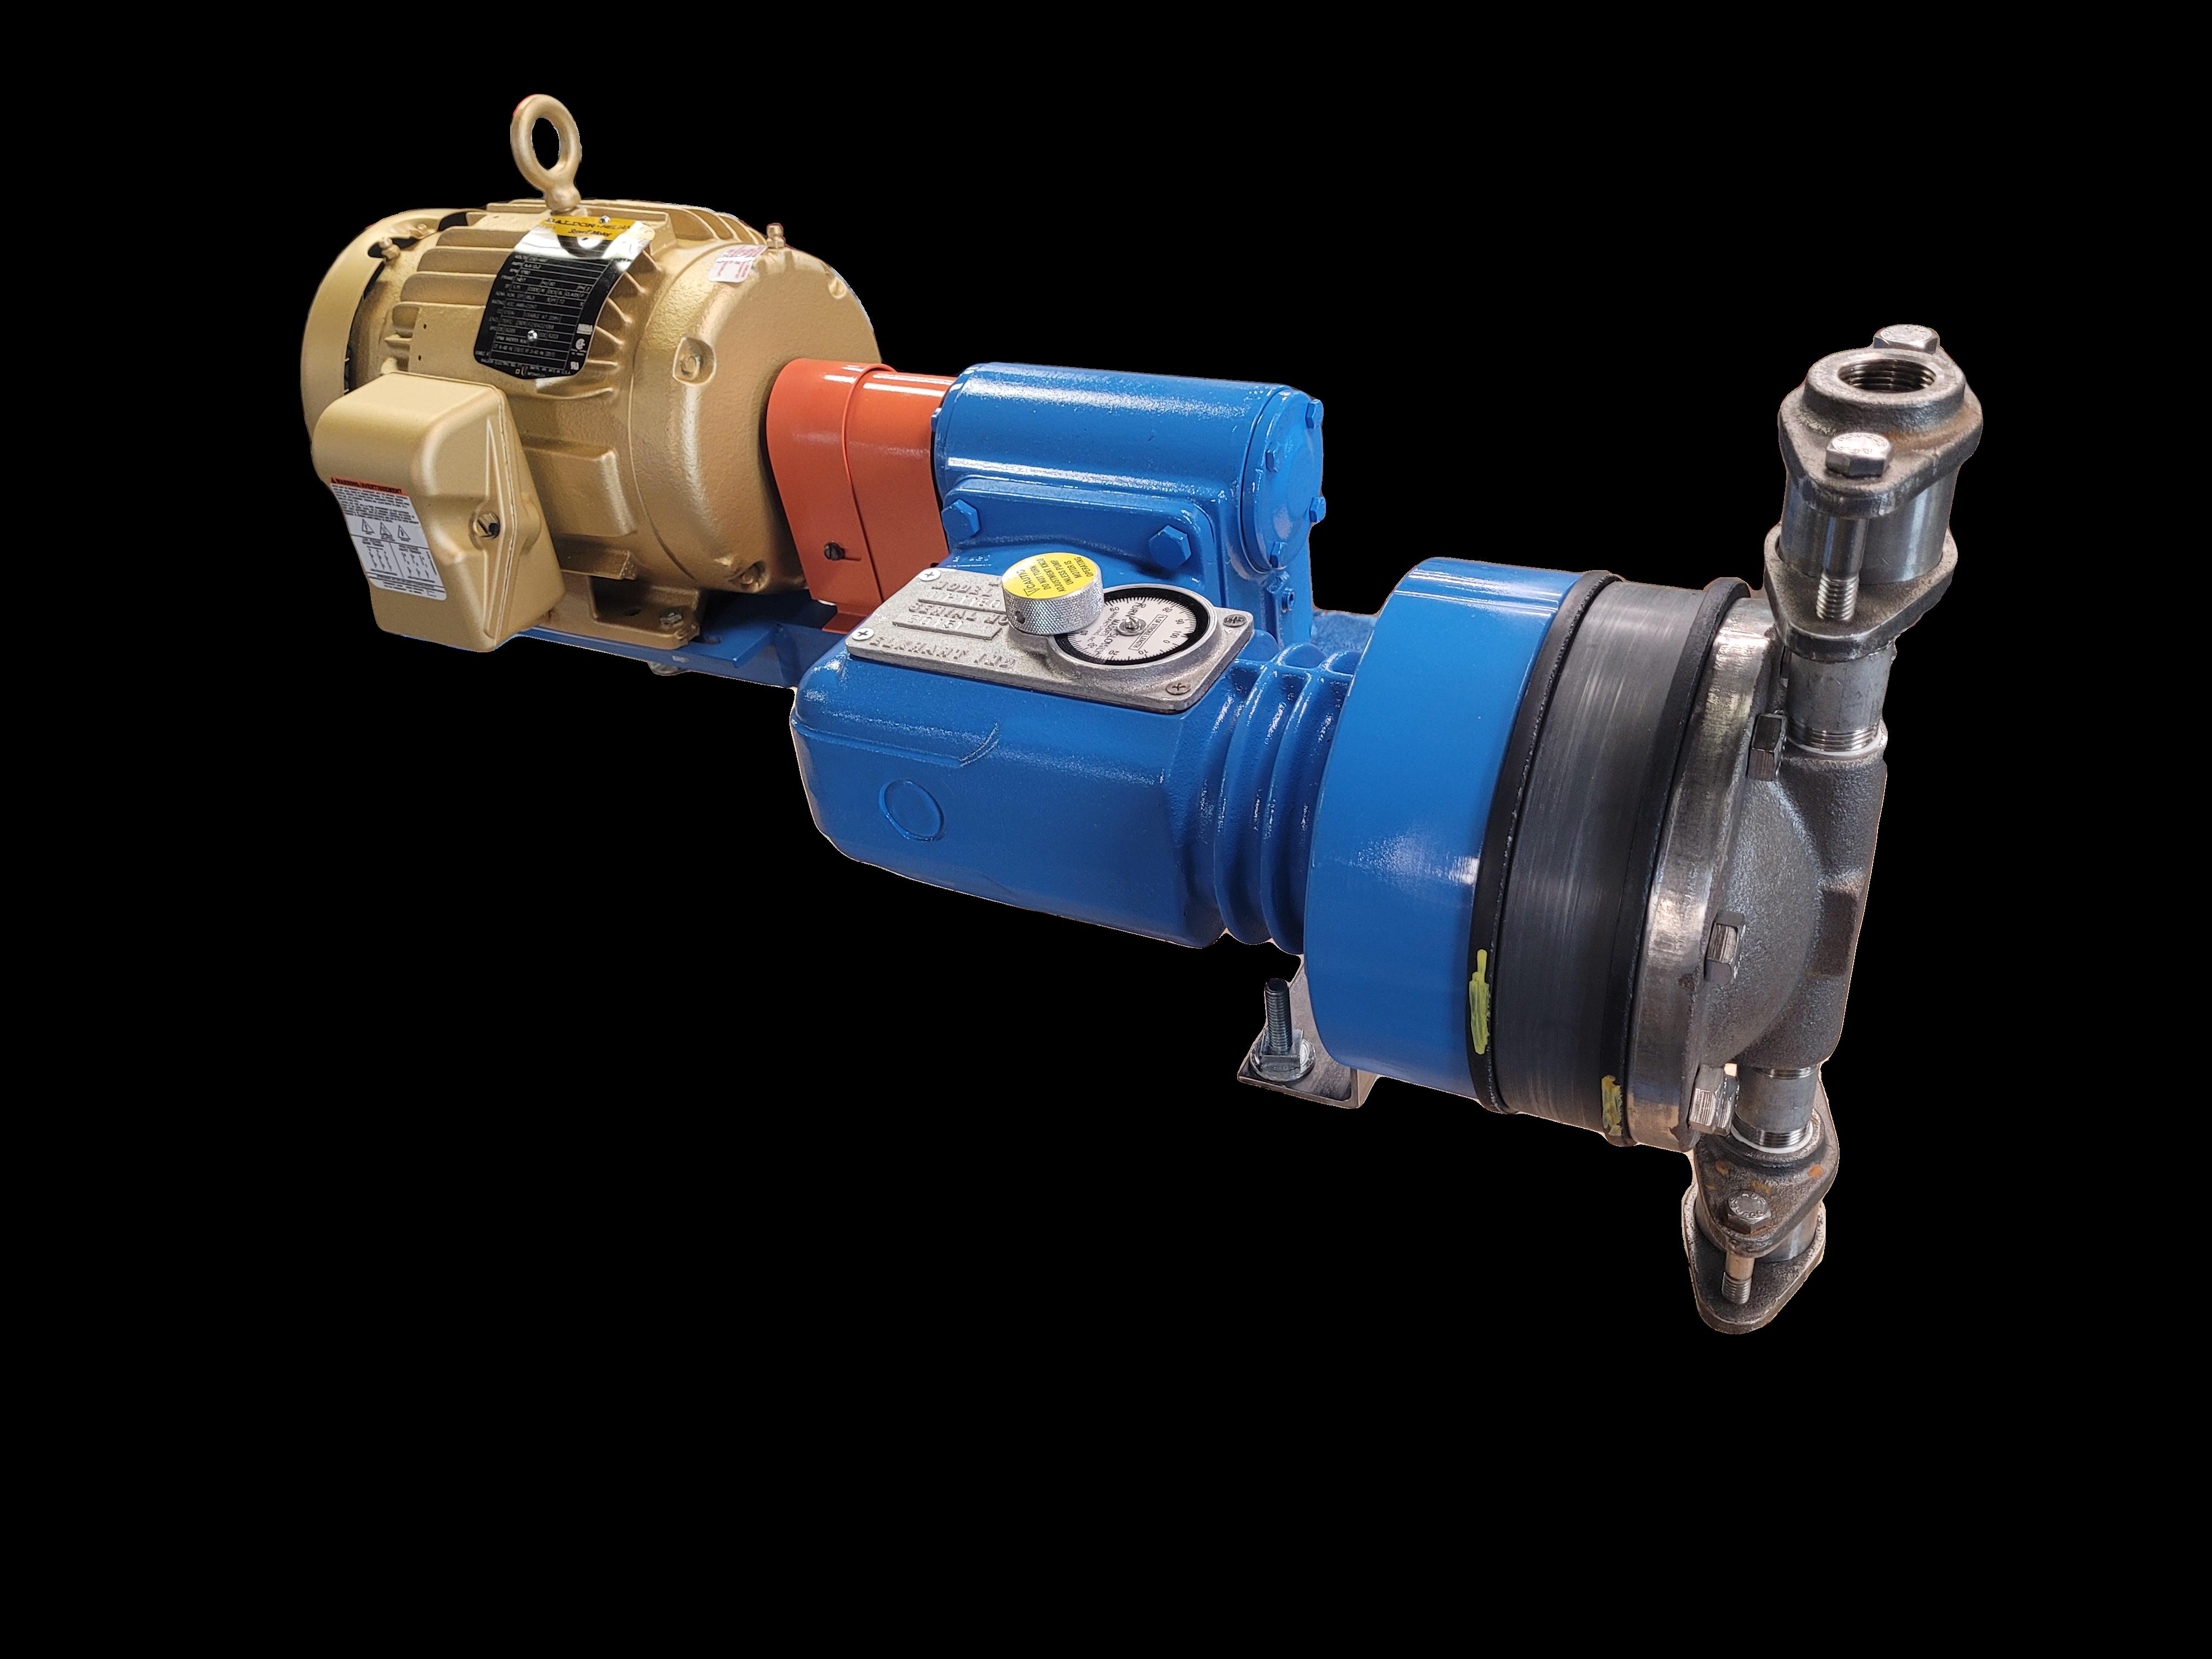 MH series metering pump